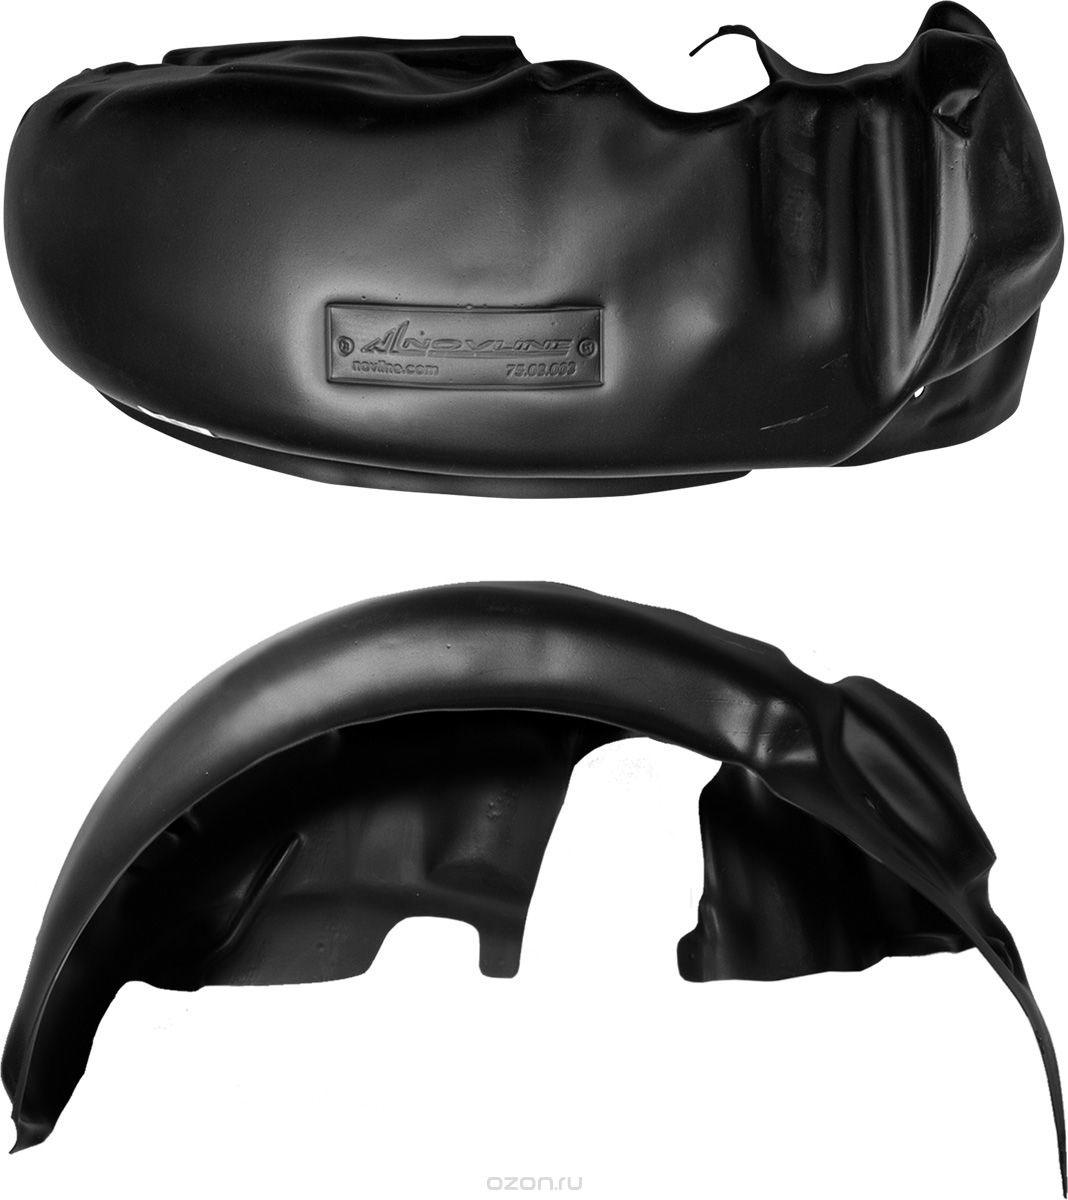 Подкрылок Novline-Autofamily, для NISSAN Sentra, 2014->, передний левыйSATURN CANCARDИдеальная защита колесной ниши. Локеры разработаны с применением цифровых технологий, гарантируют максимальную повторяемость поверхности арки. Изделия устанавливаются без нарушения лакокрасочного покрытия автомобиля, каждый подкрылок комплектуется крепежом. Уважаемые клиенты, обращаем ваше внимание, что фотографии на подкрылки универсальные и не отражают реальную форму изделия. При этом само изделие идет точно под размер указанного автомобиля.